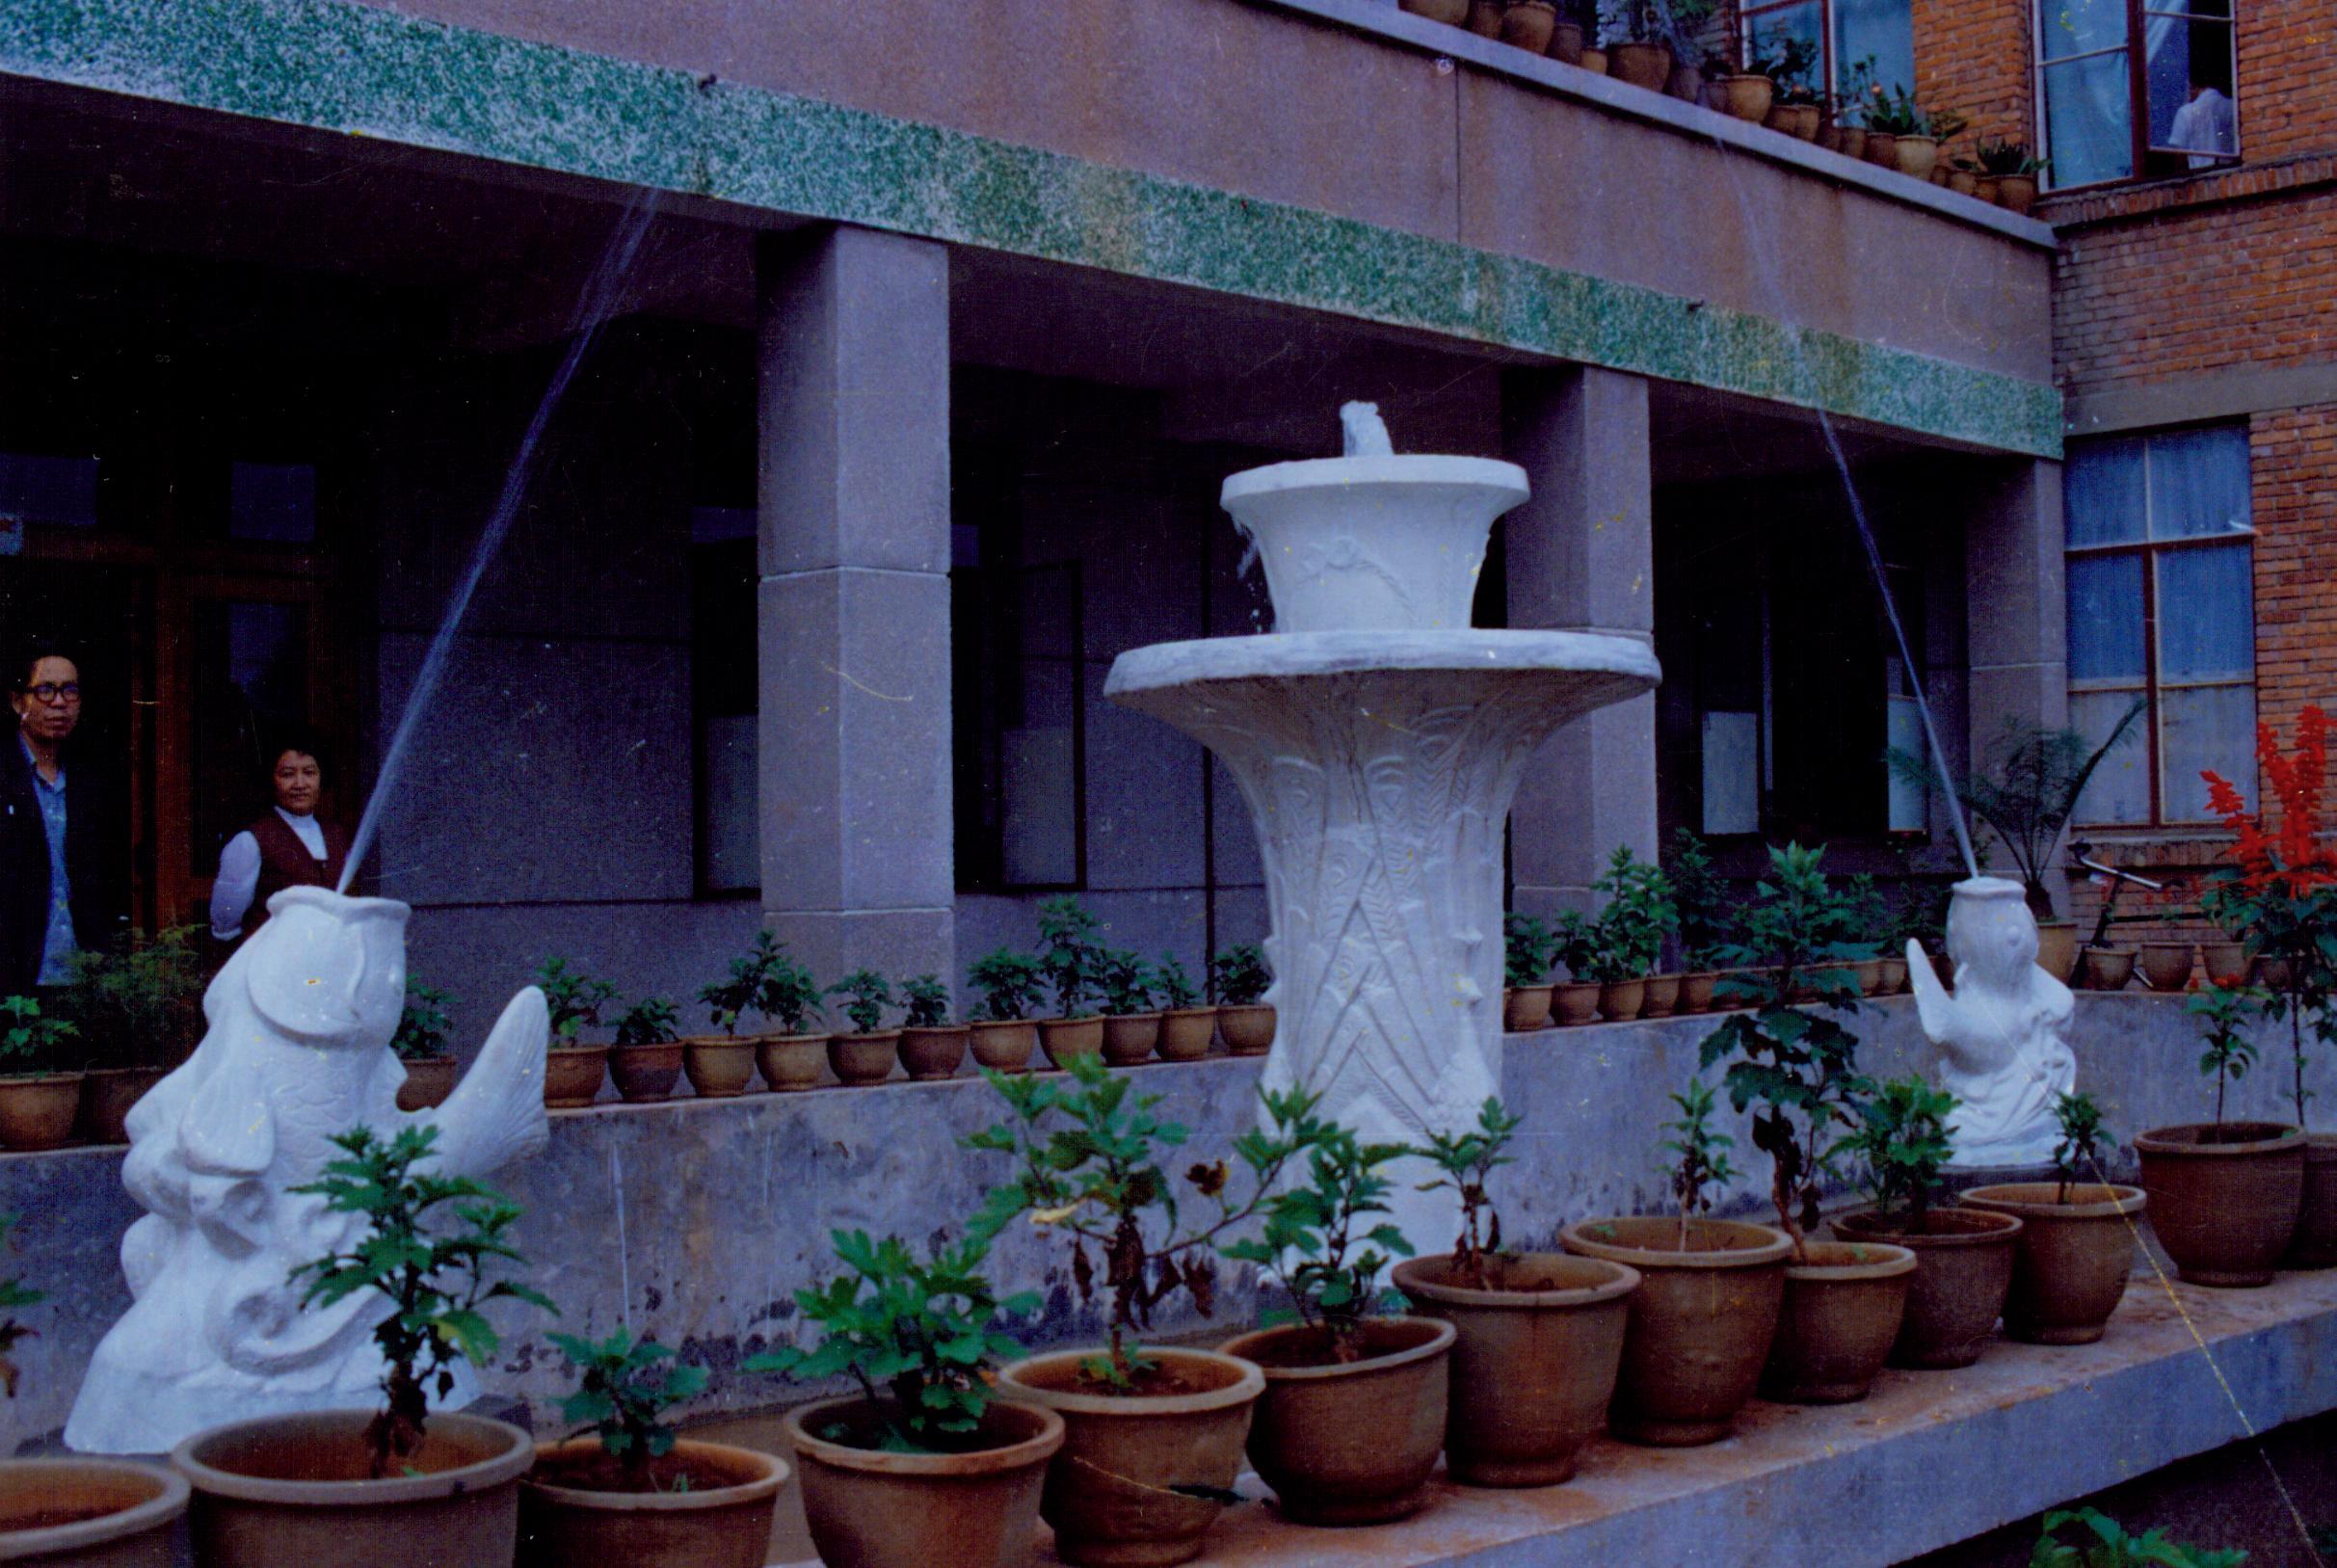 省钢窗厂雕塑 -孔雀金鱼喷水柱(500)